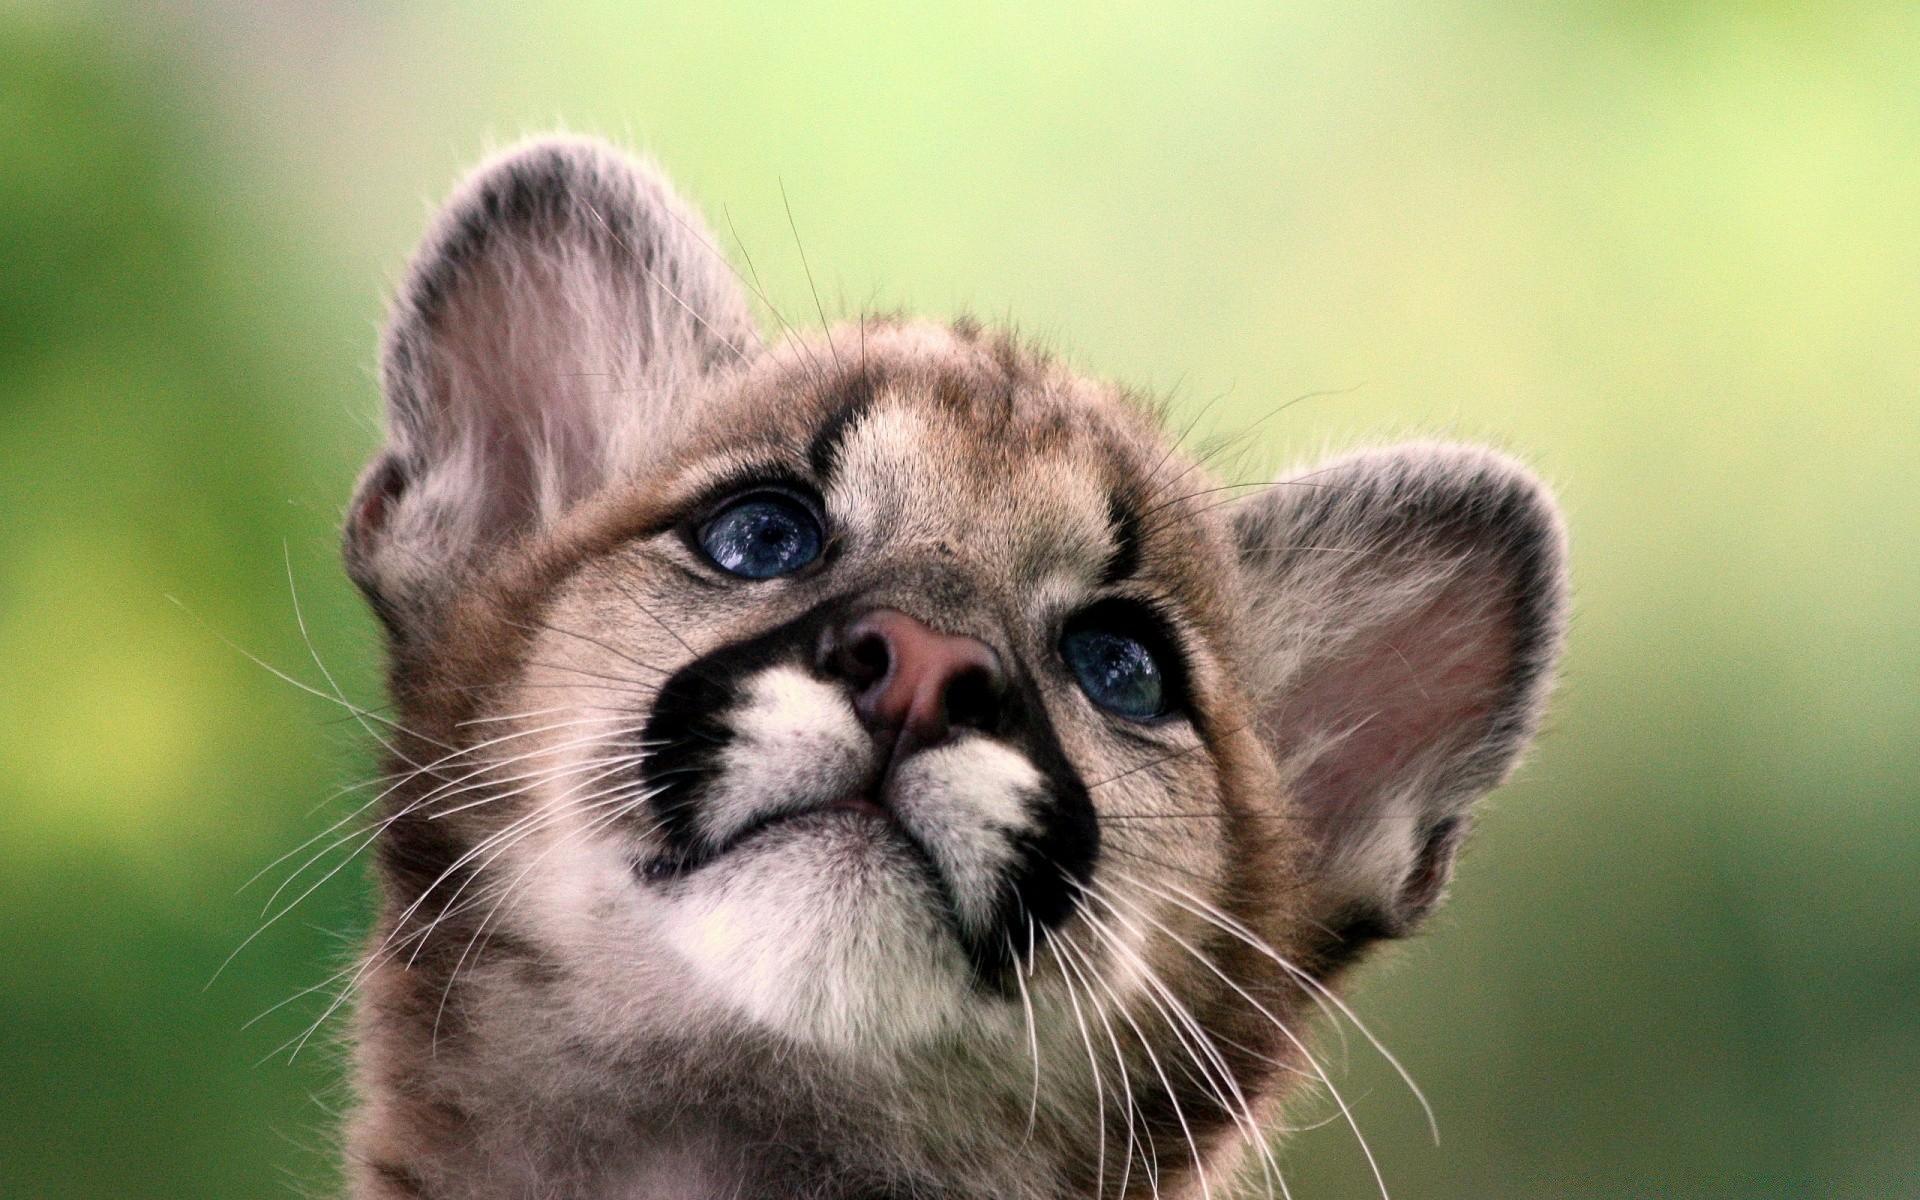 Прикольные, самые милые картинки про животных в мире